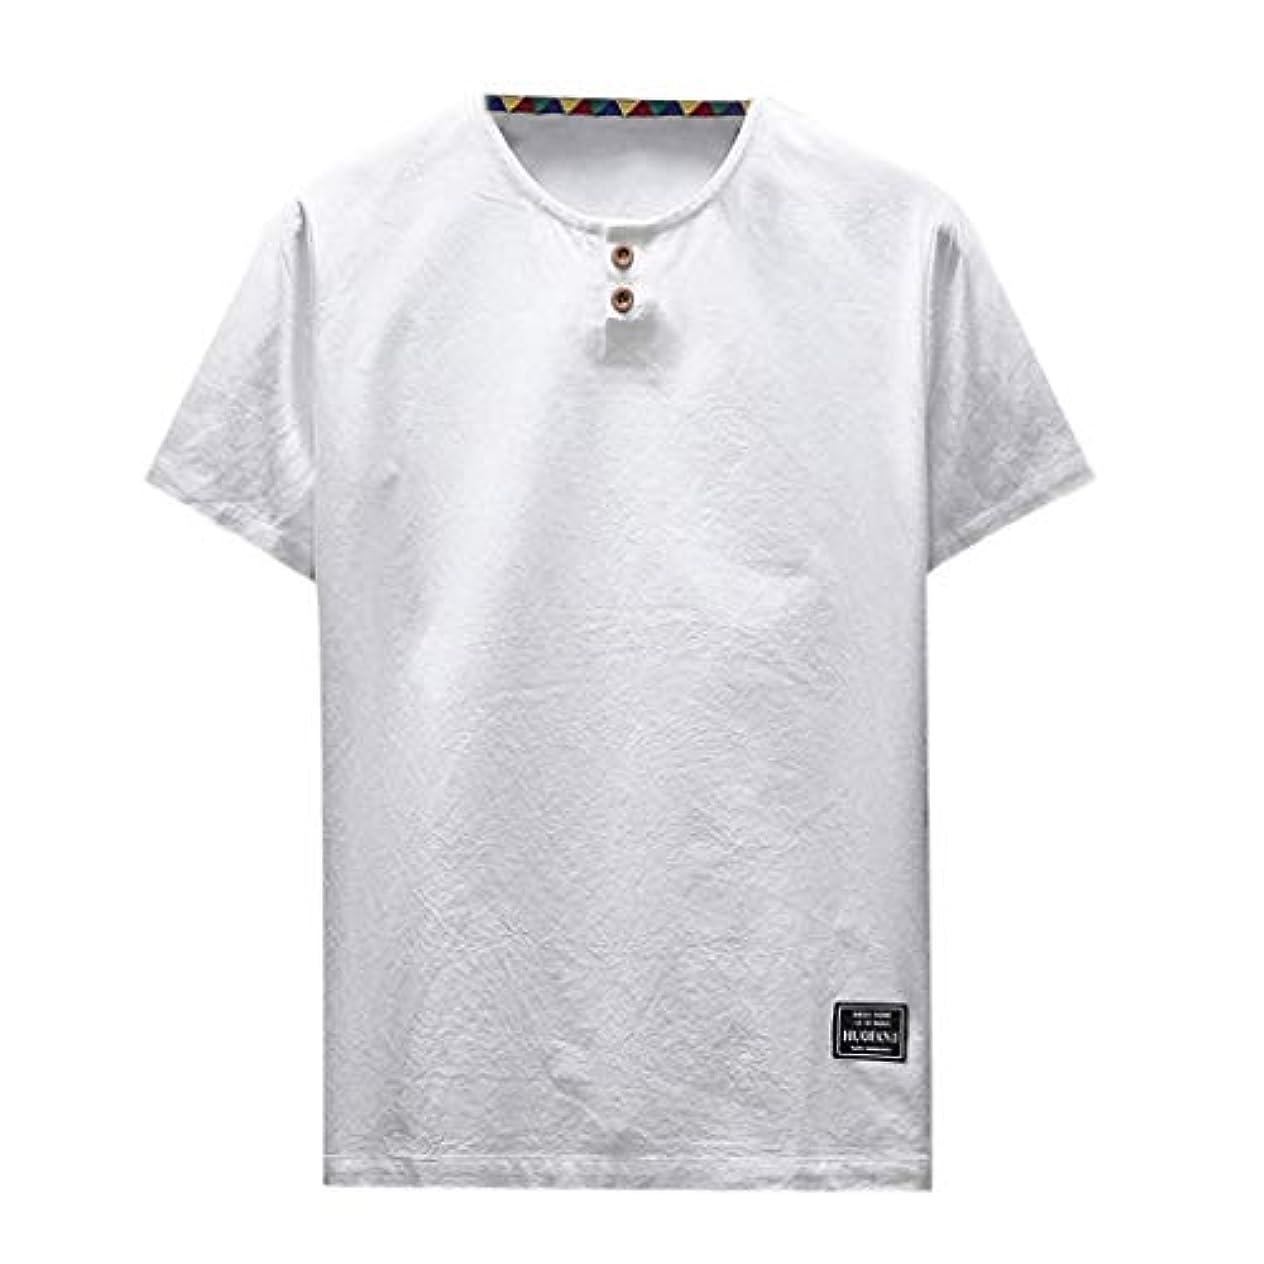 何歯ゆでるOD企画 Tシャツ メンズ 半袖 シャツ メンズ tシャツ メンズ おおきいサイズ 日系 綿麻 丸首 半袖シャツ シャツ 半袖 ブラウス トップス ゆるtシャツ 春夏節対応 おしゃれ ゆったり カットソー ファッション 夏服